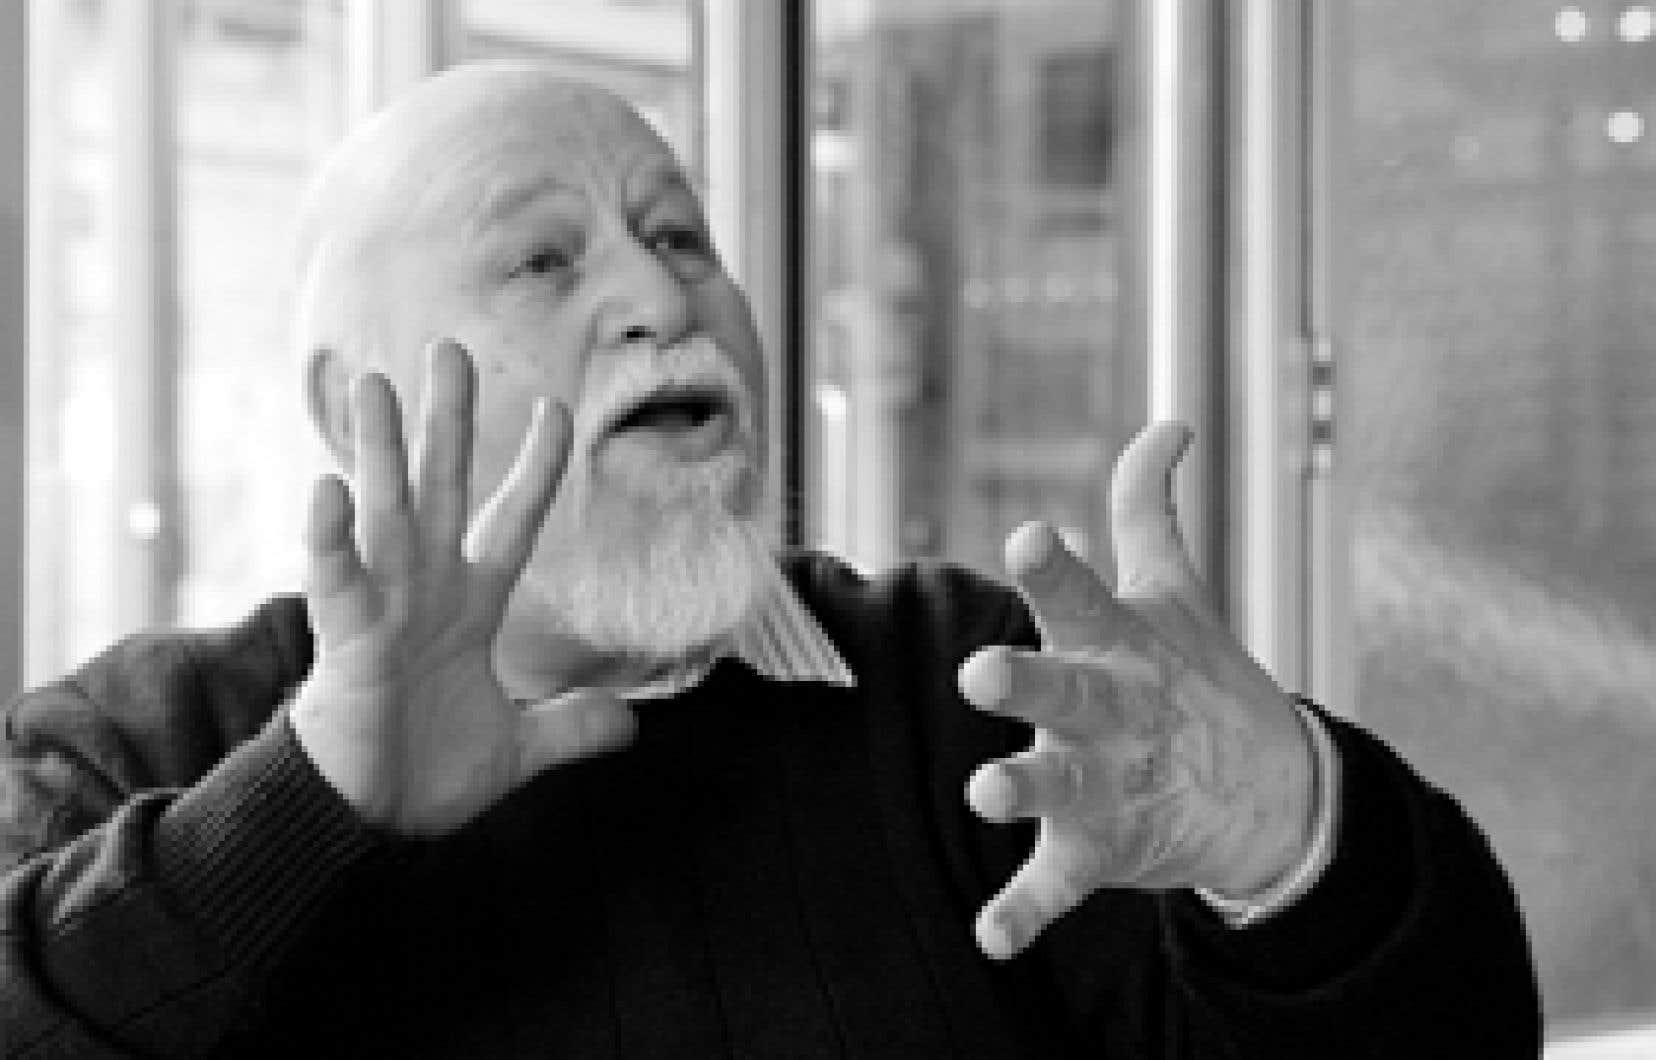 C'est sous l'impulsion et le dynamisme inaliénable de Jean-Claude Germain que l'idée même d'une dramaturgie québécoise a pu continuer à germer.